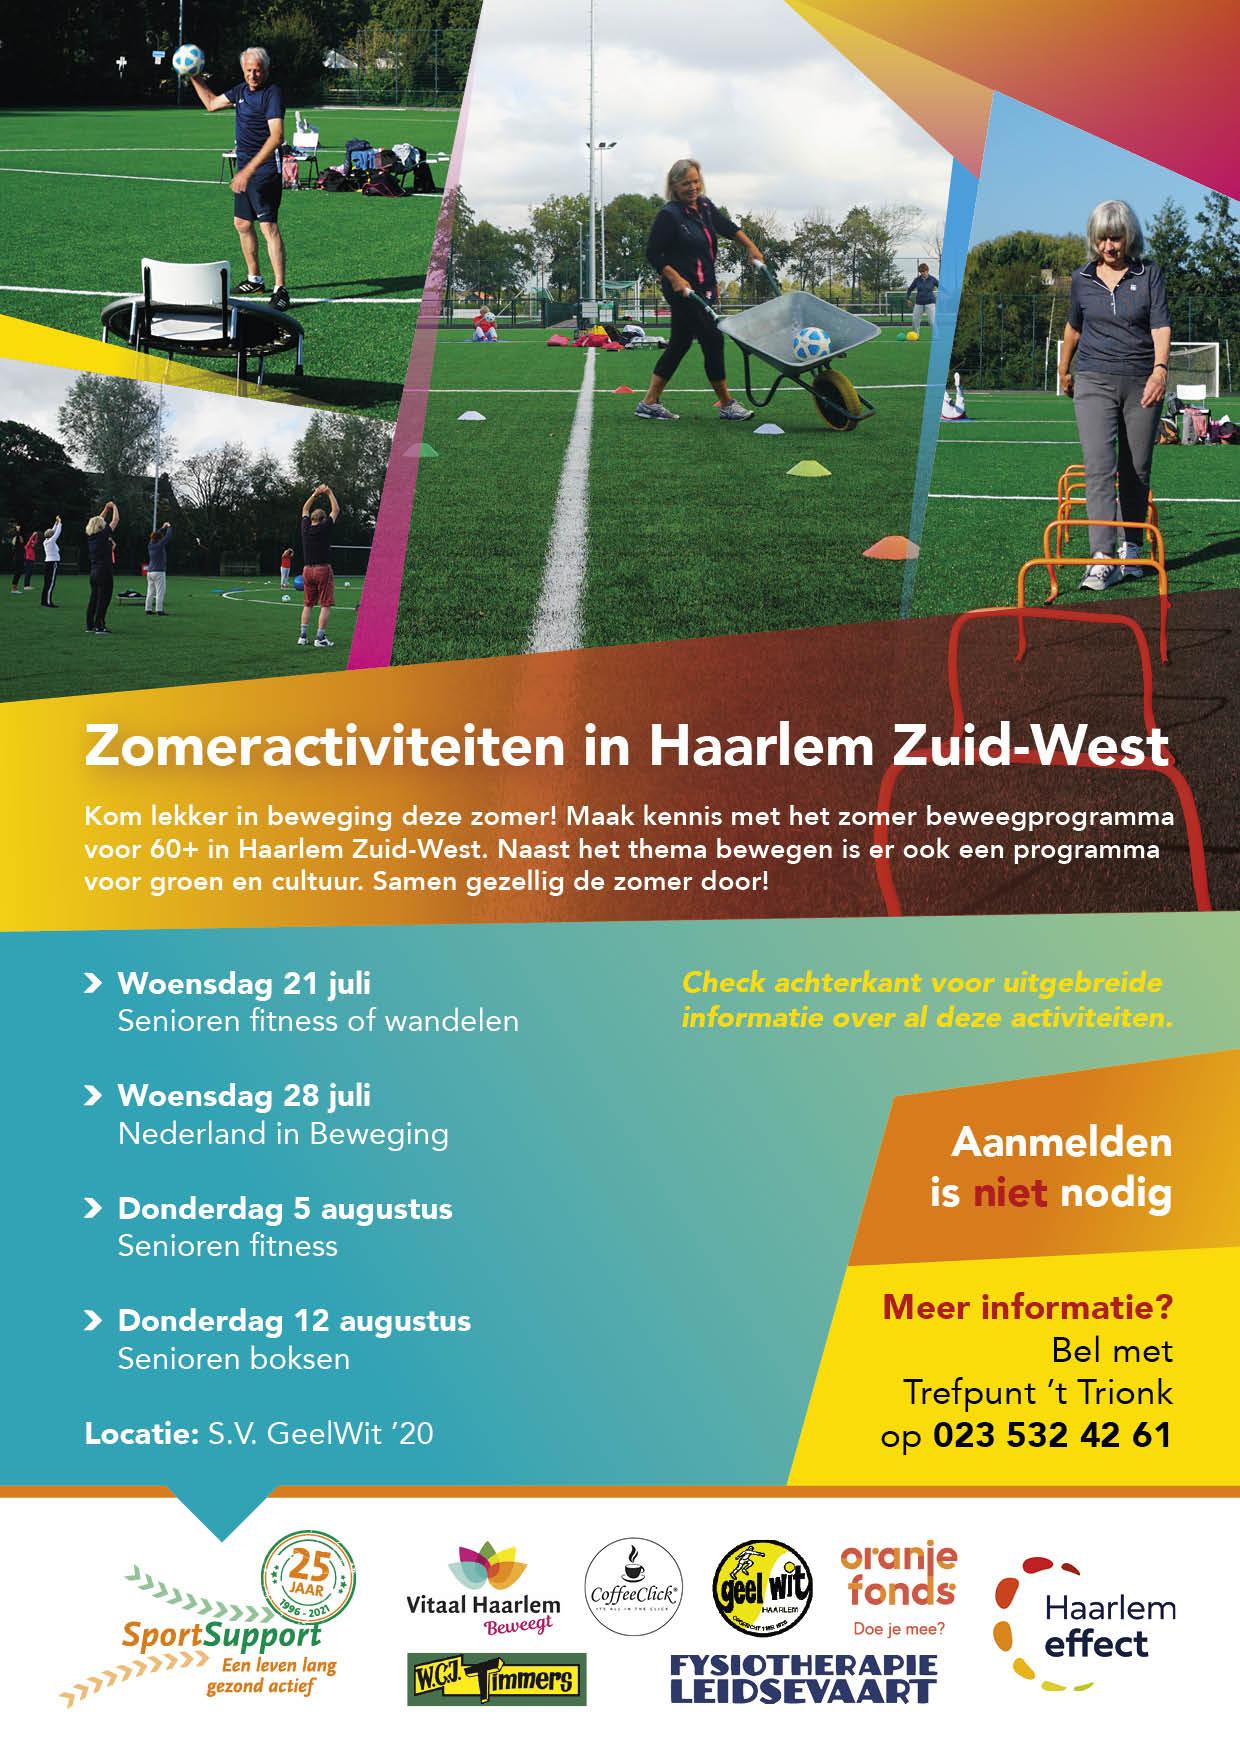 Zomeractiviteiten in Haarlem Zuid-west